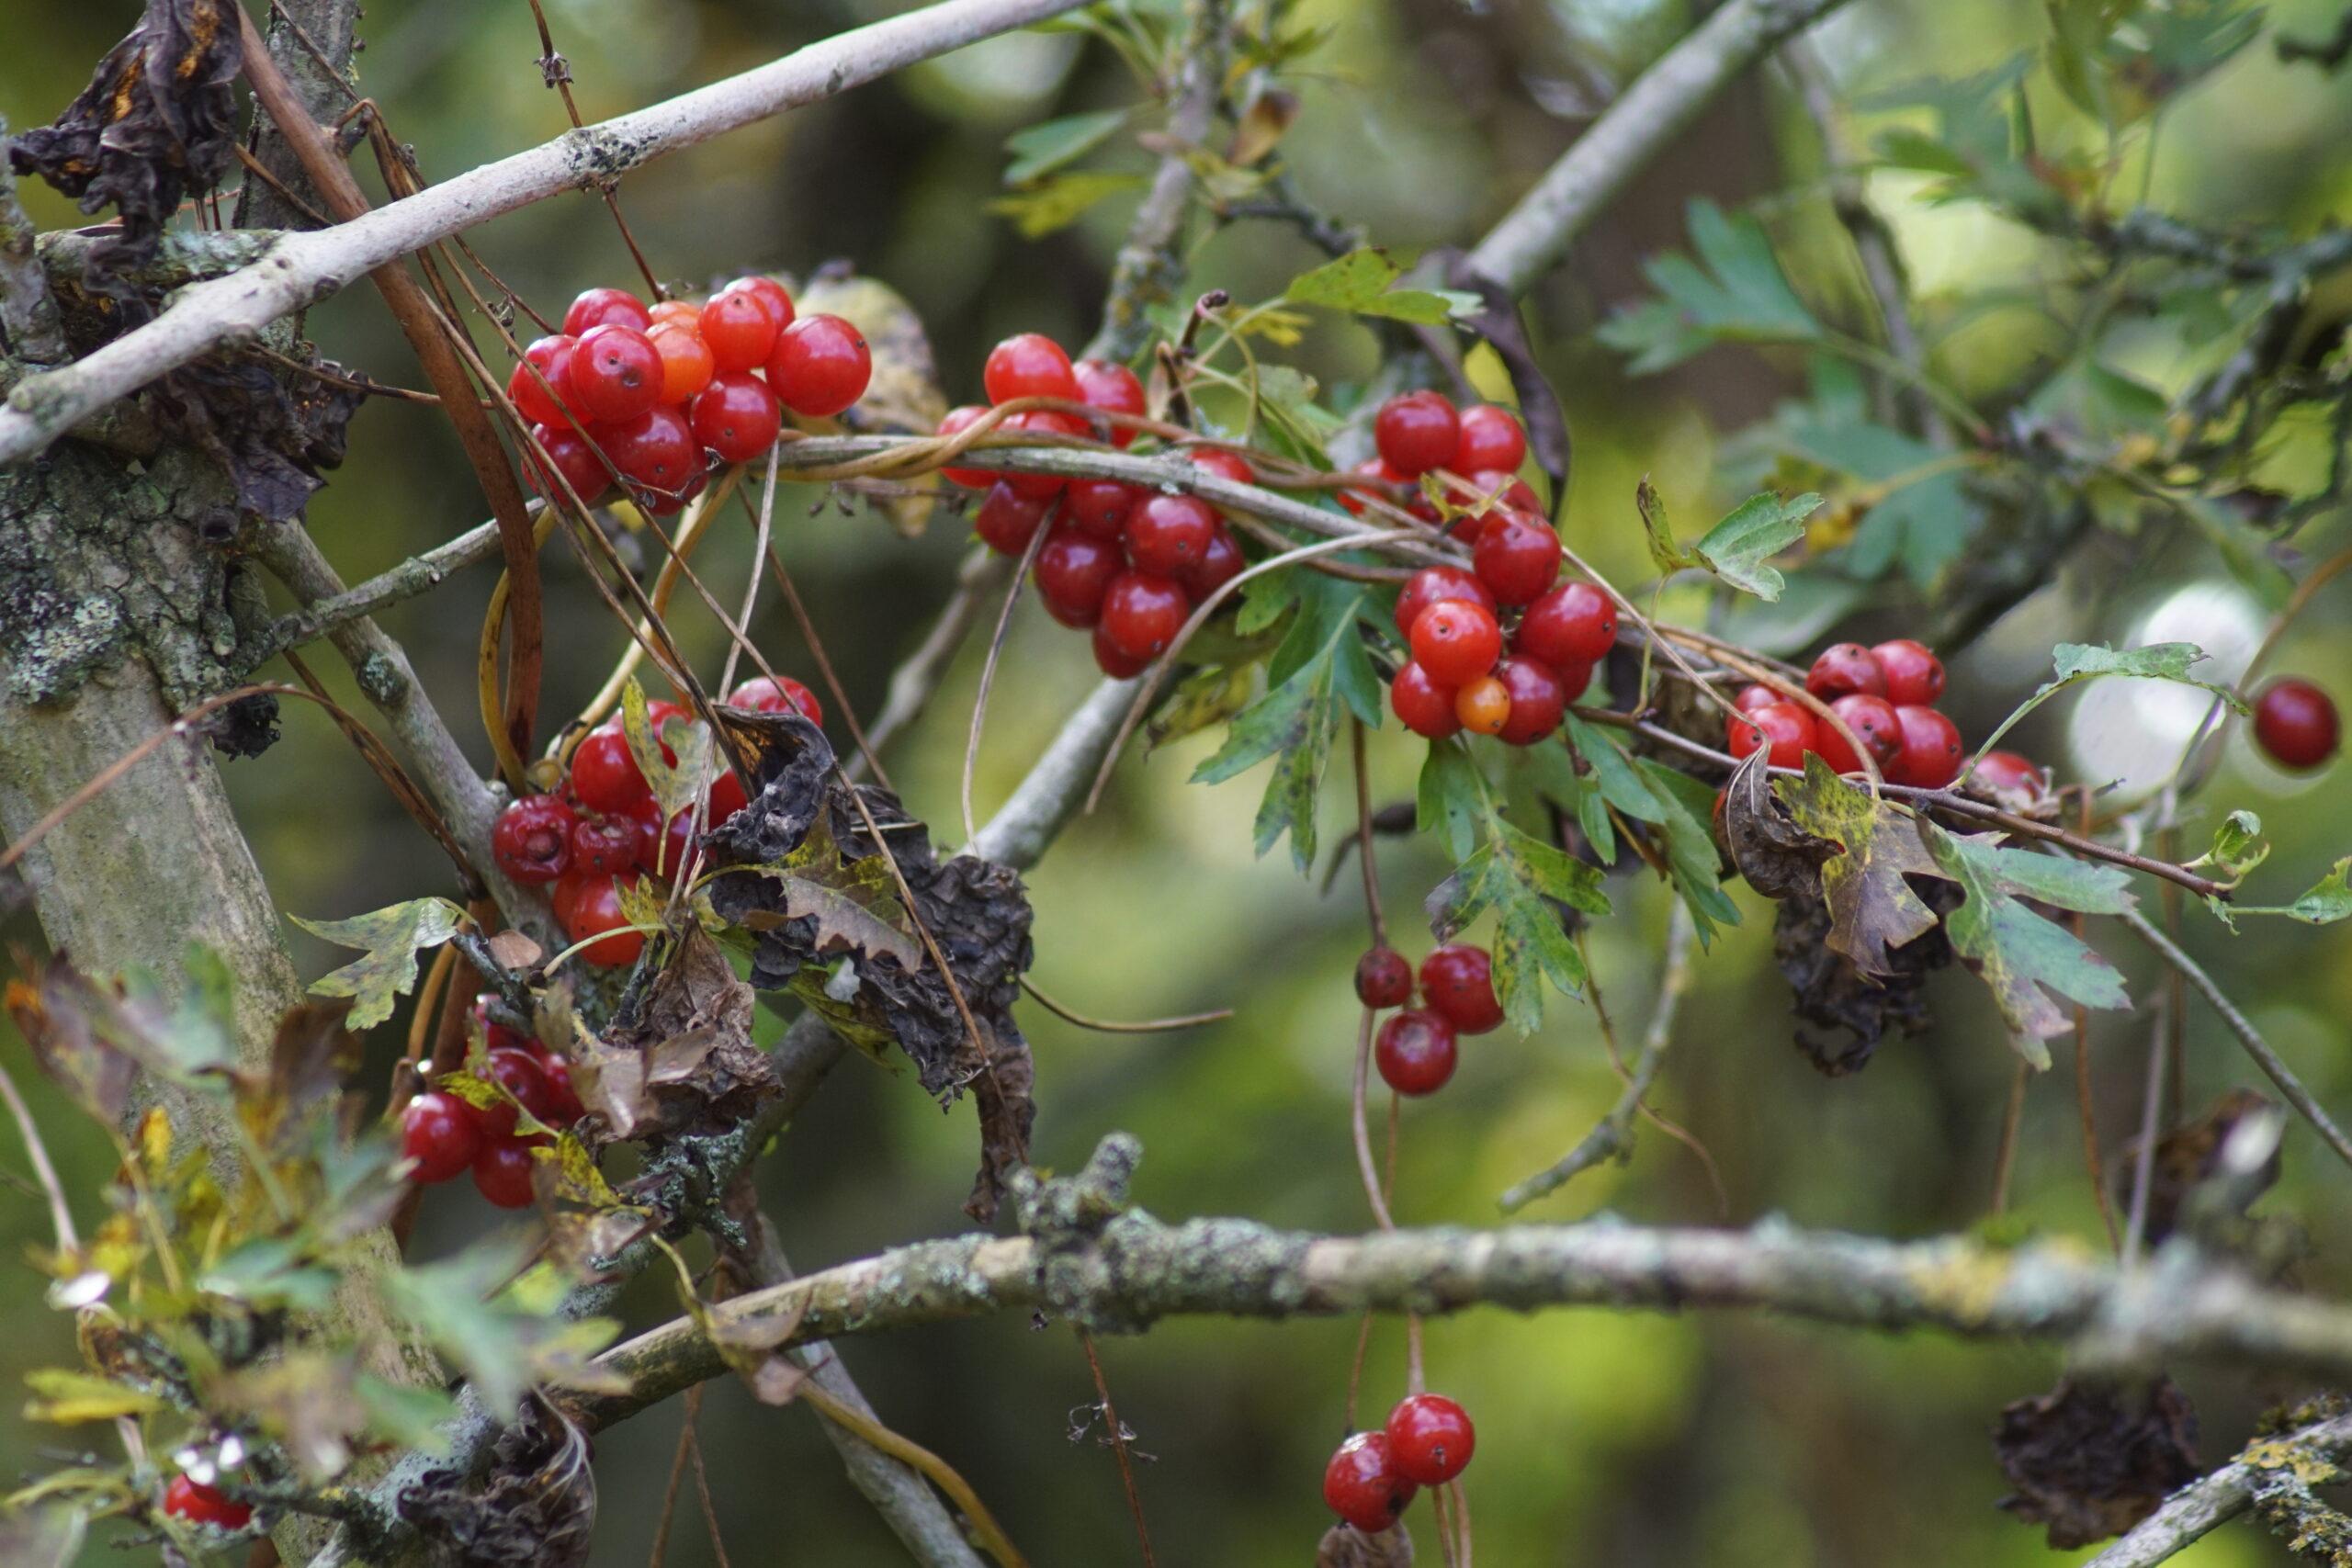 Berries on bindweed